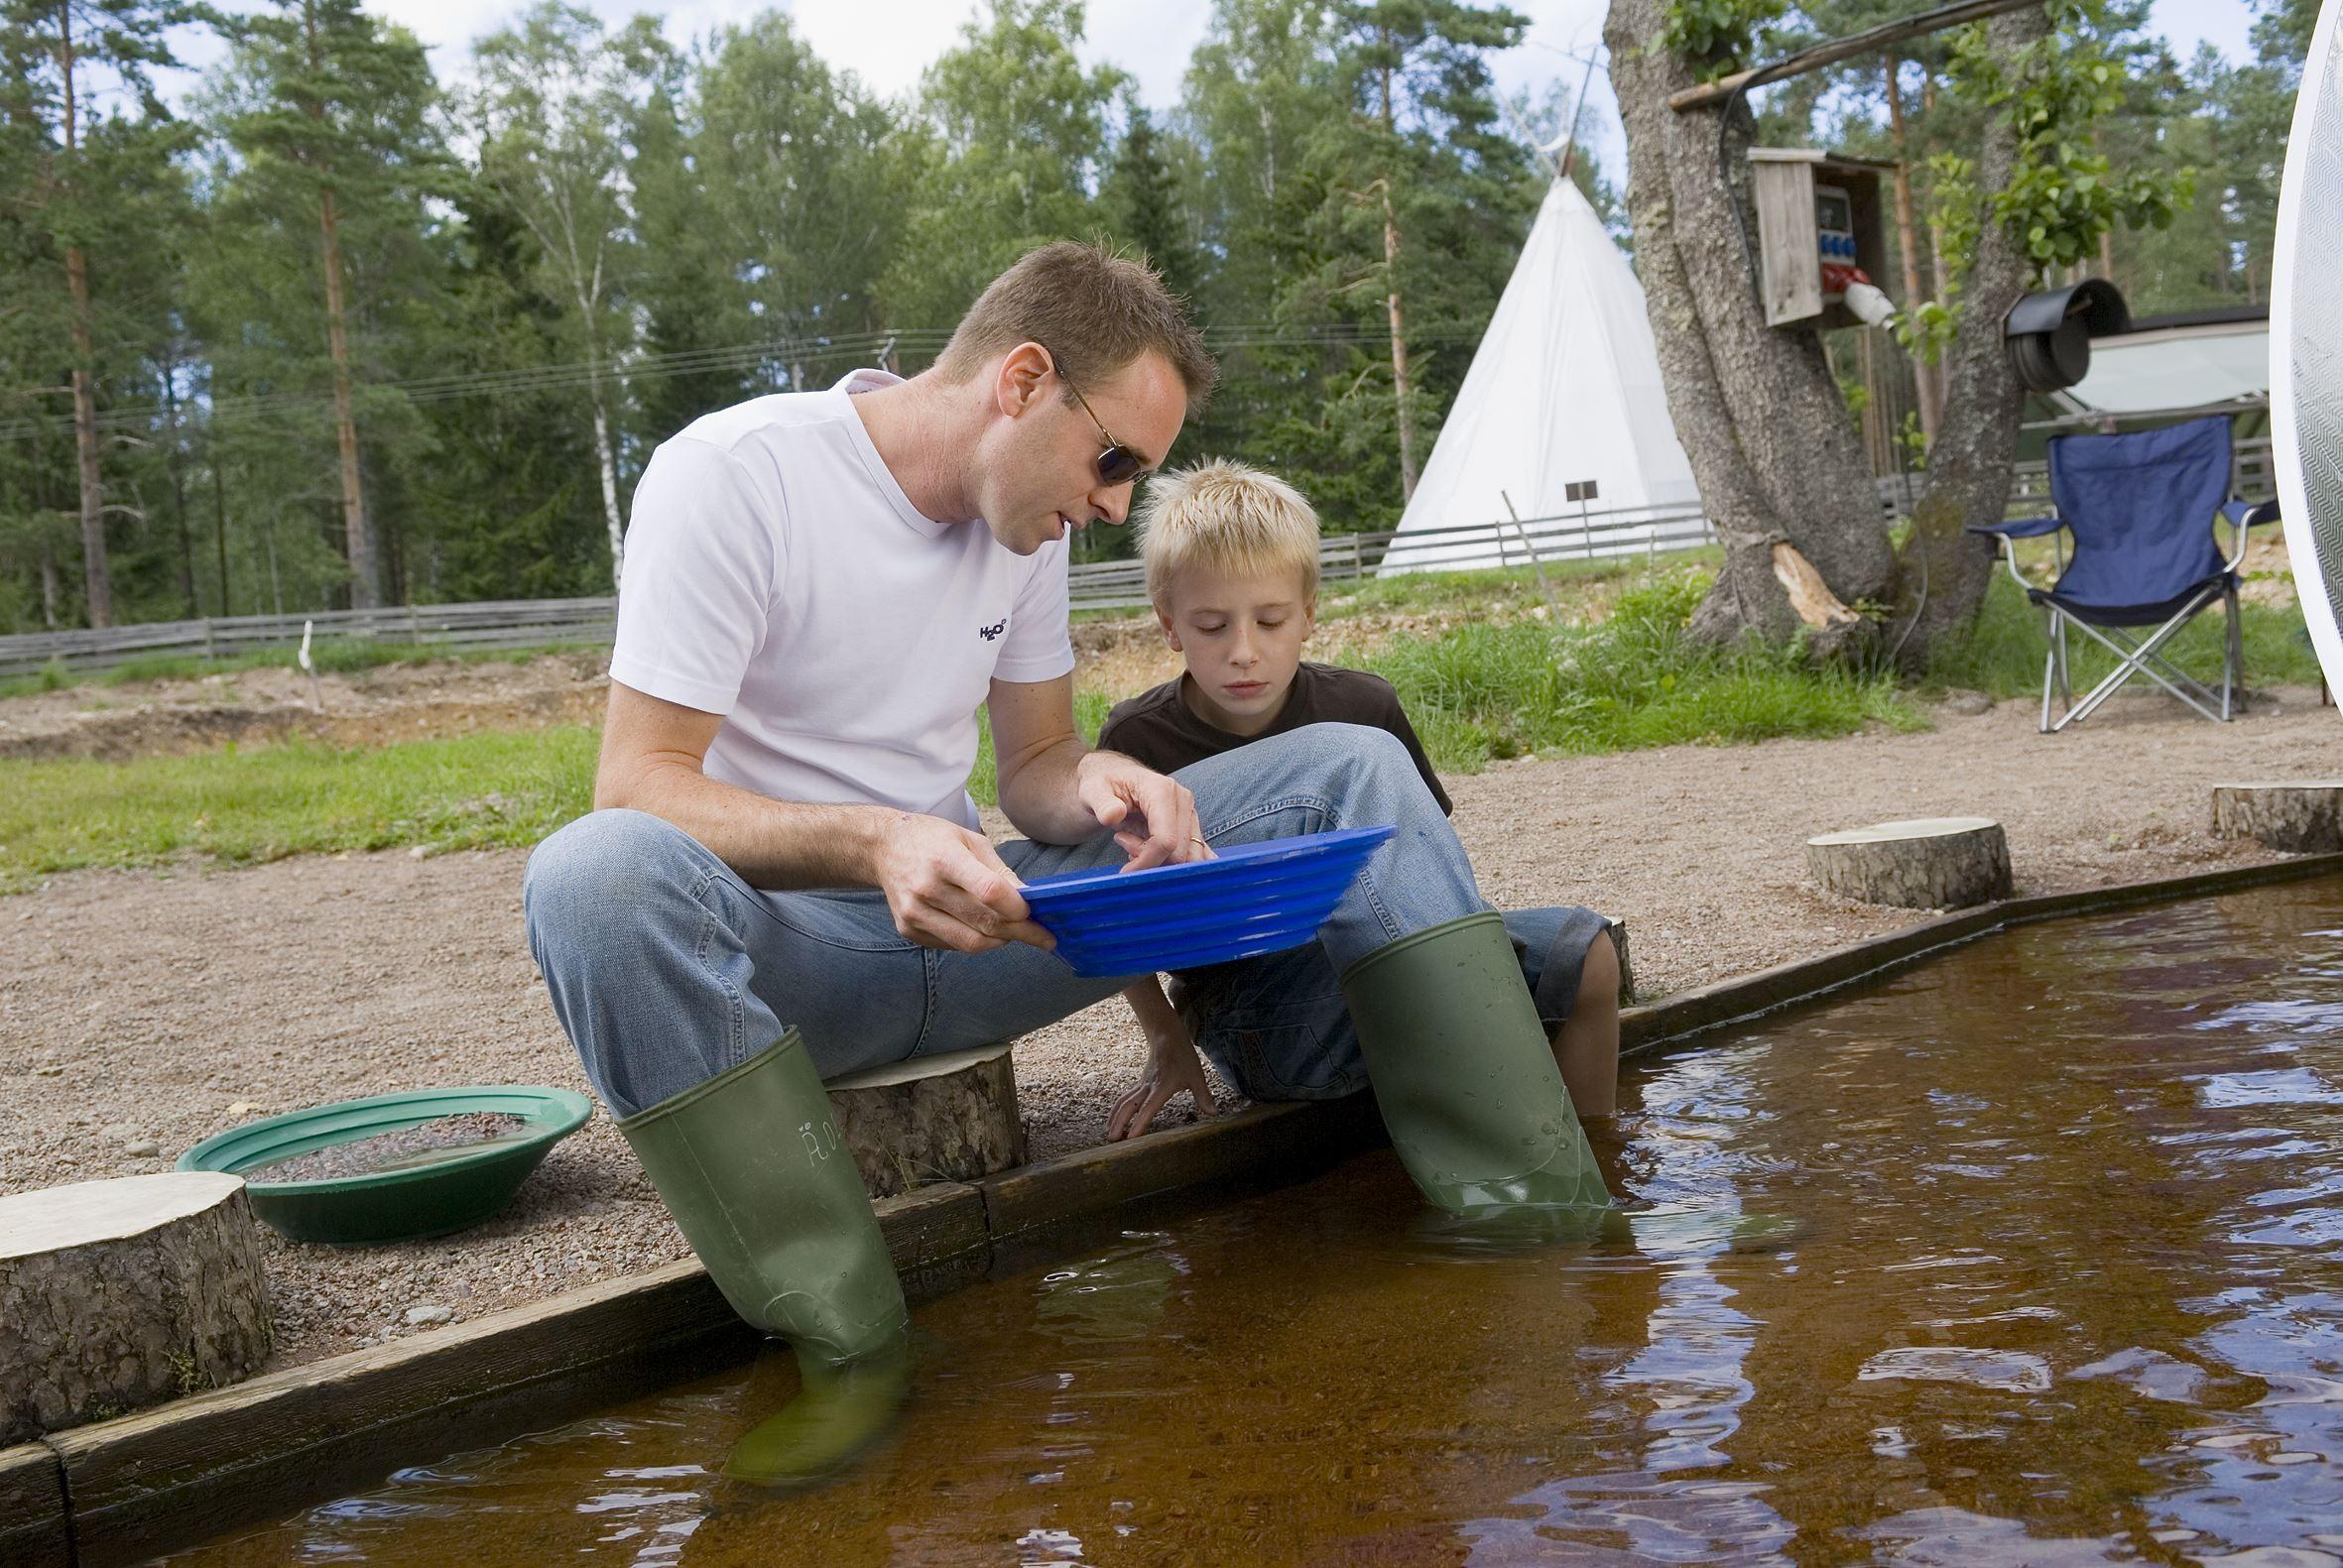 © Ädelfors guldvaskning, Guldvaskningen i Ädelfors - Stellplatz